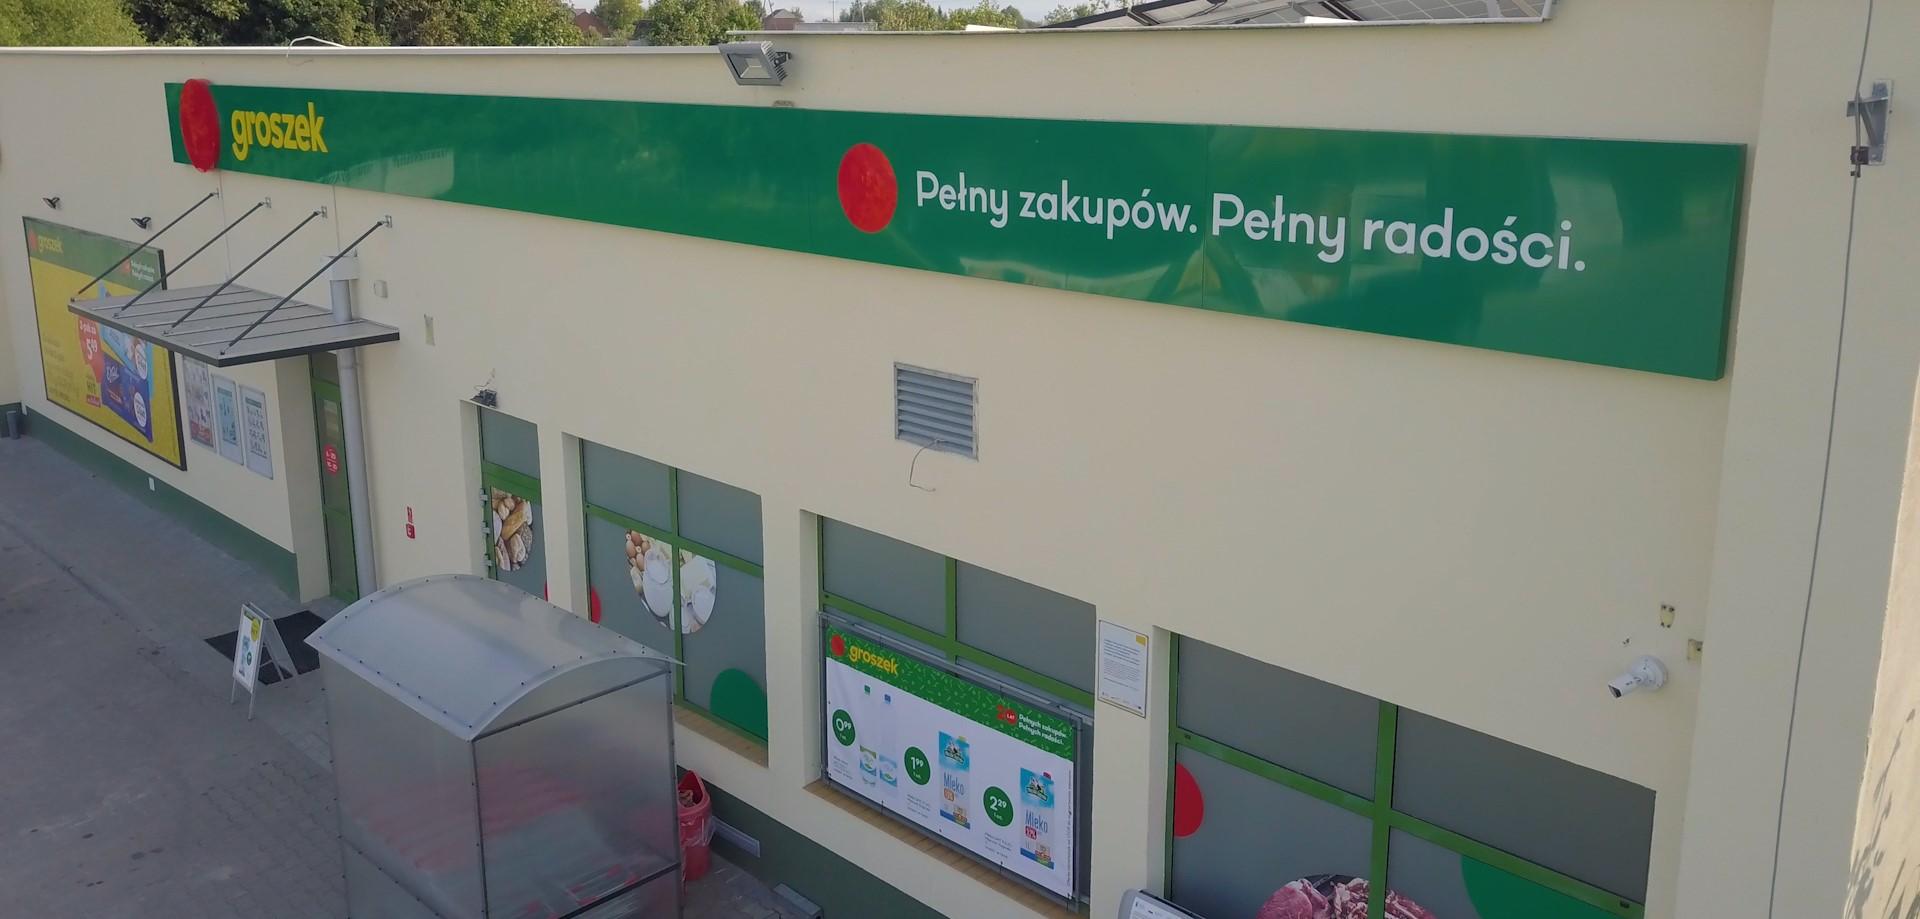 Sieć sklepów Groszek będzie mieć nowe logo